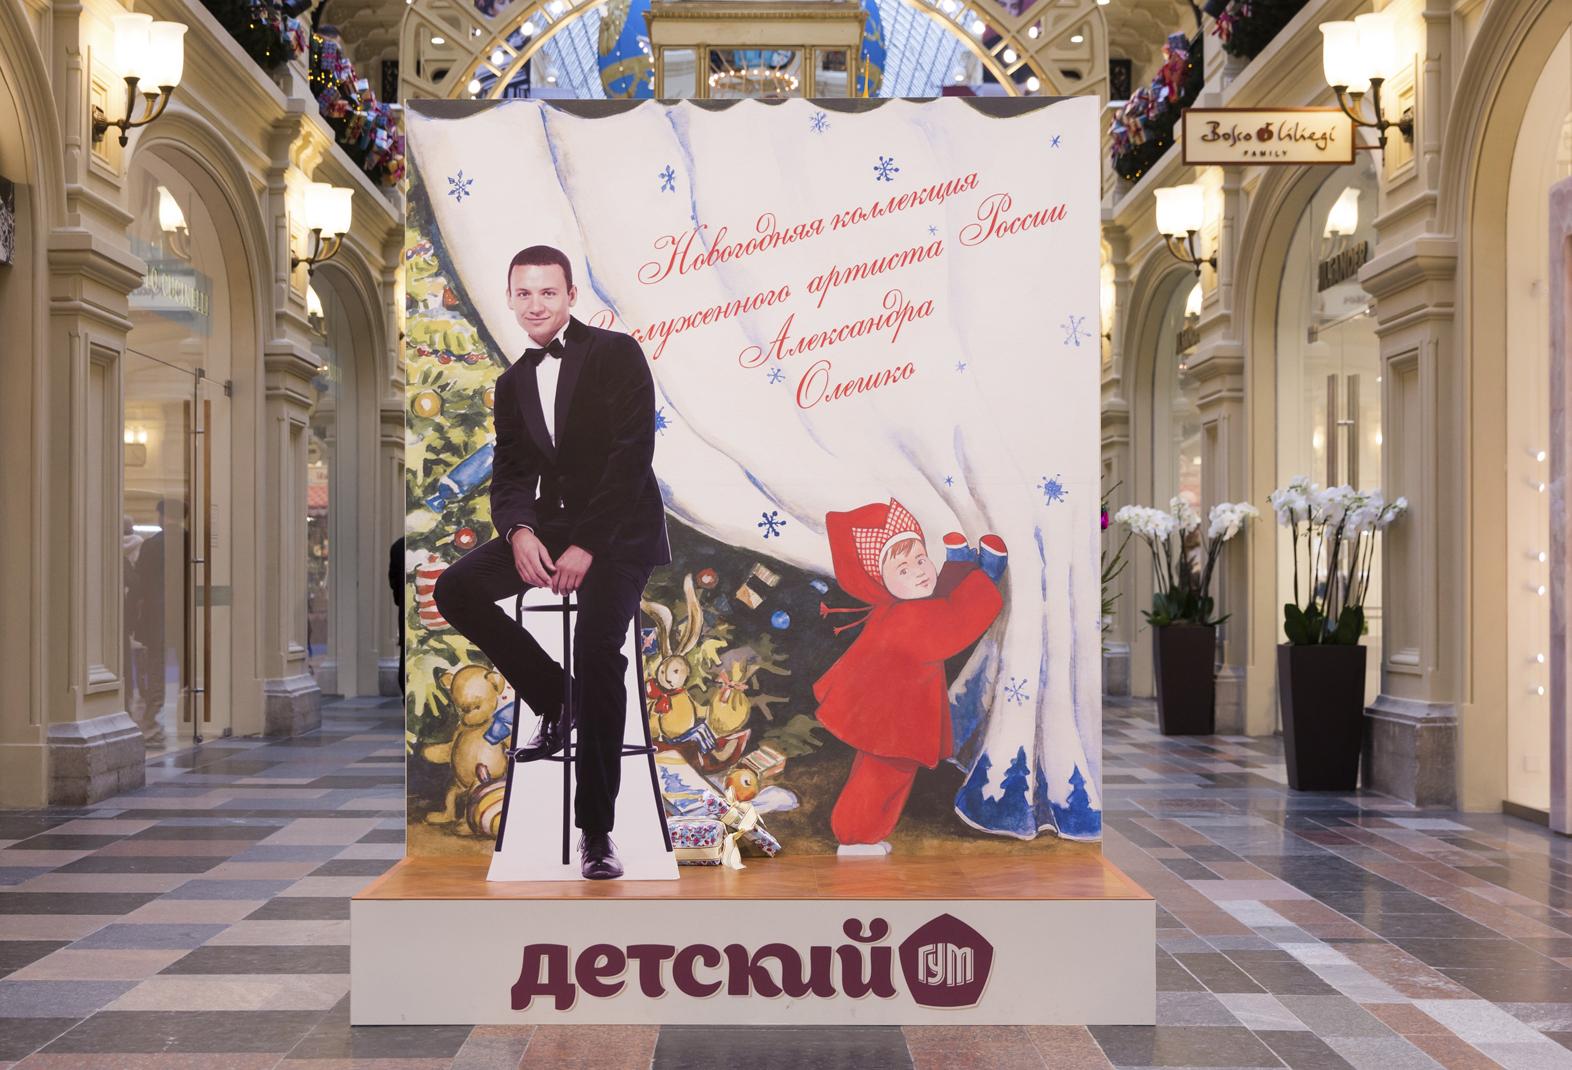 Новогодняя выставка Александра Олешко в ГУМе 74b89fbc52a